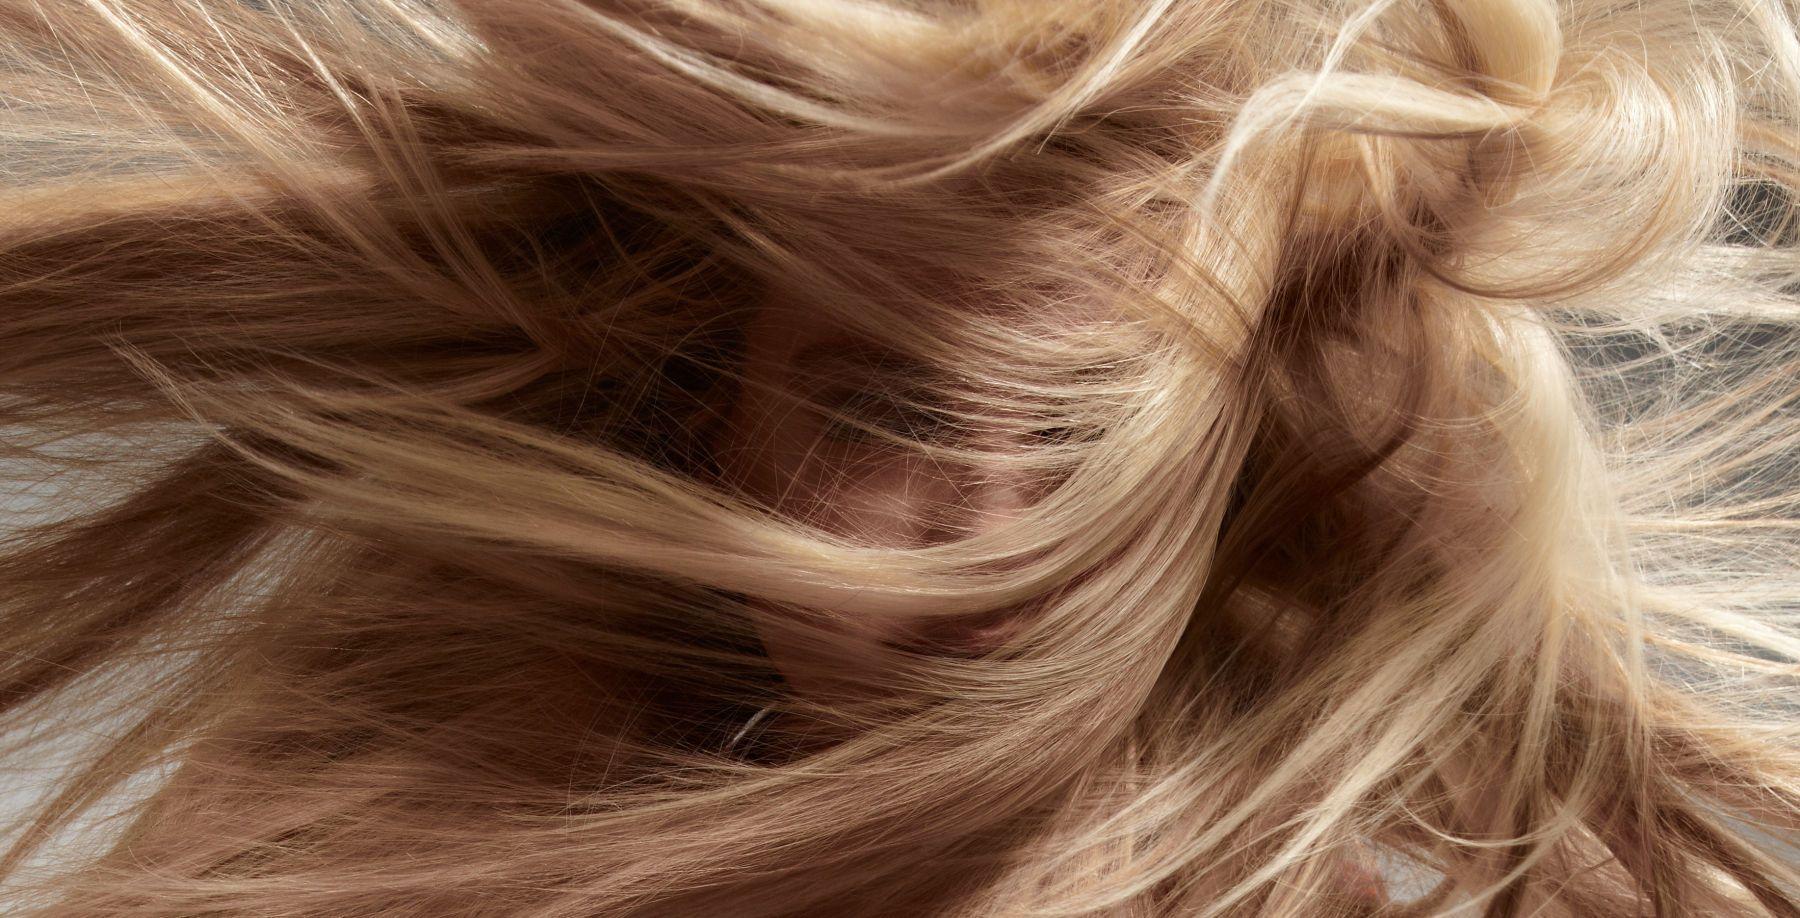 Behind the Hair